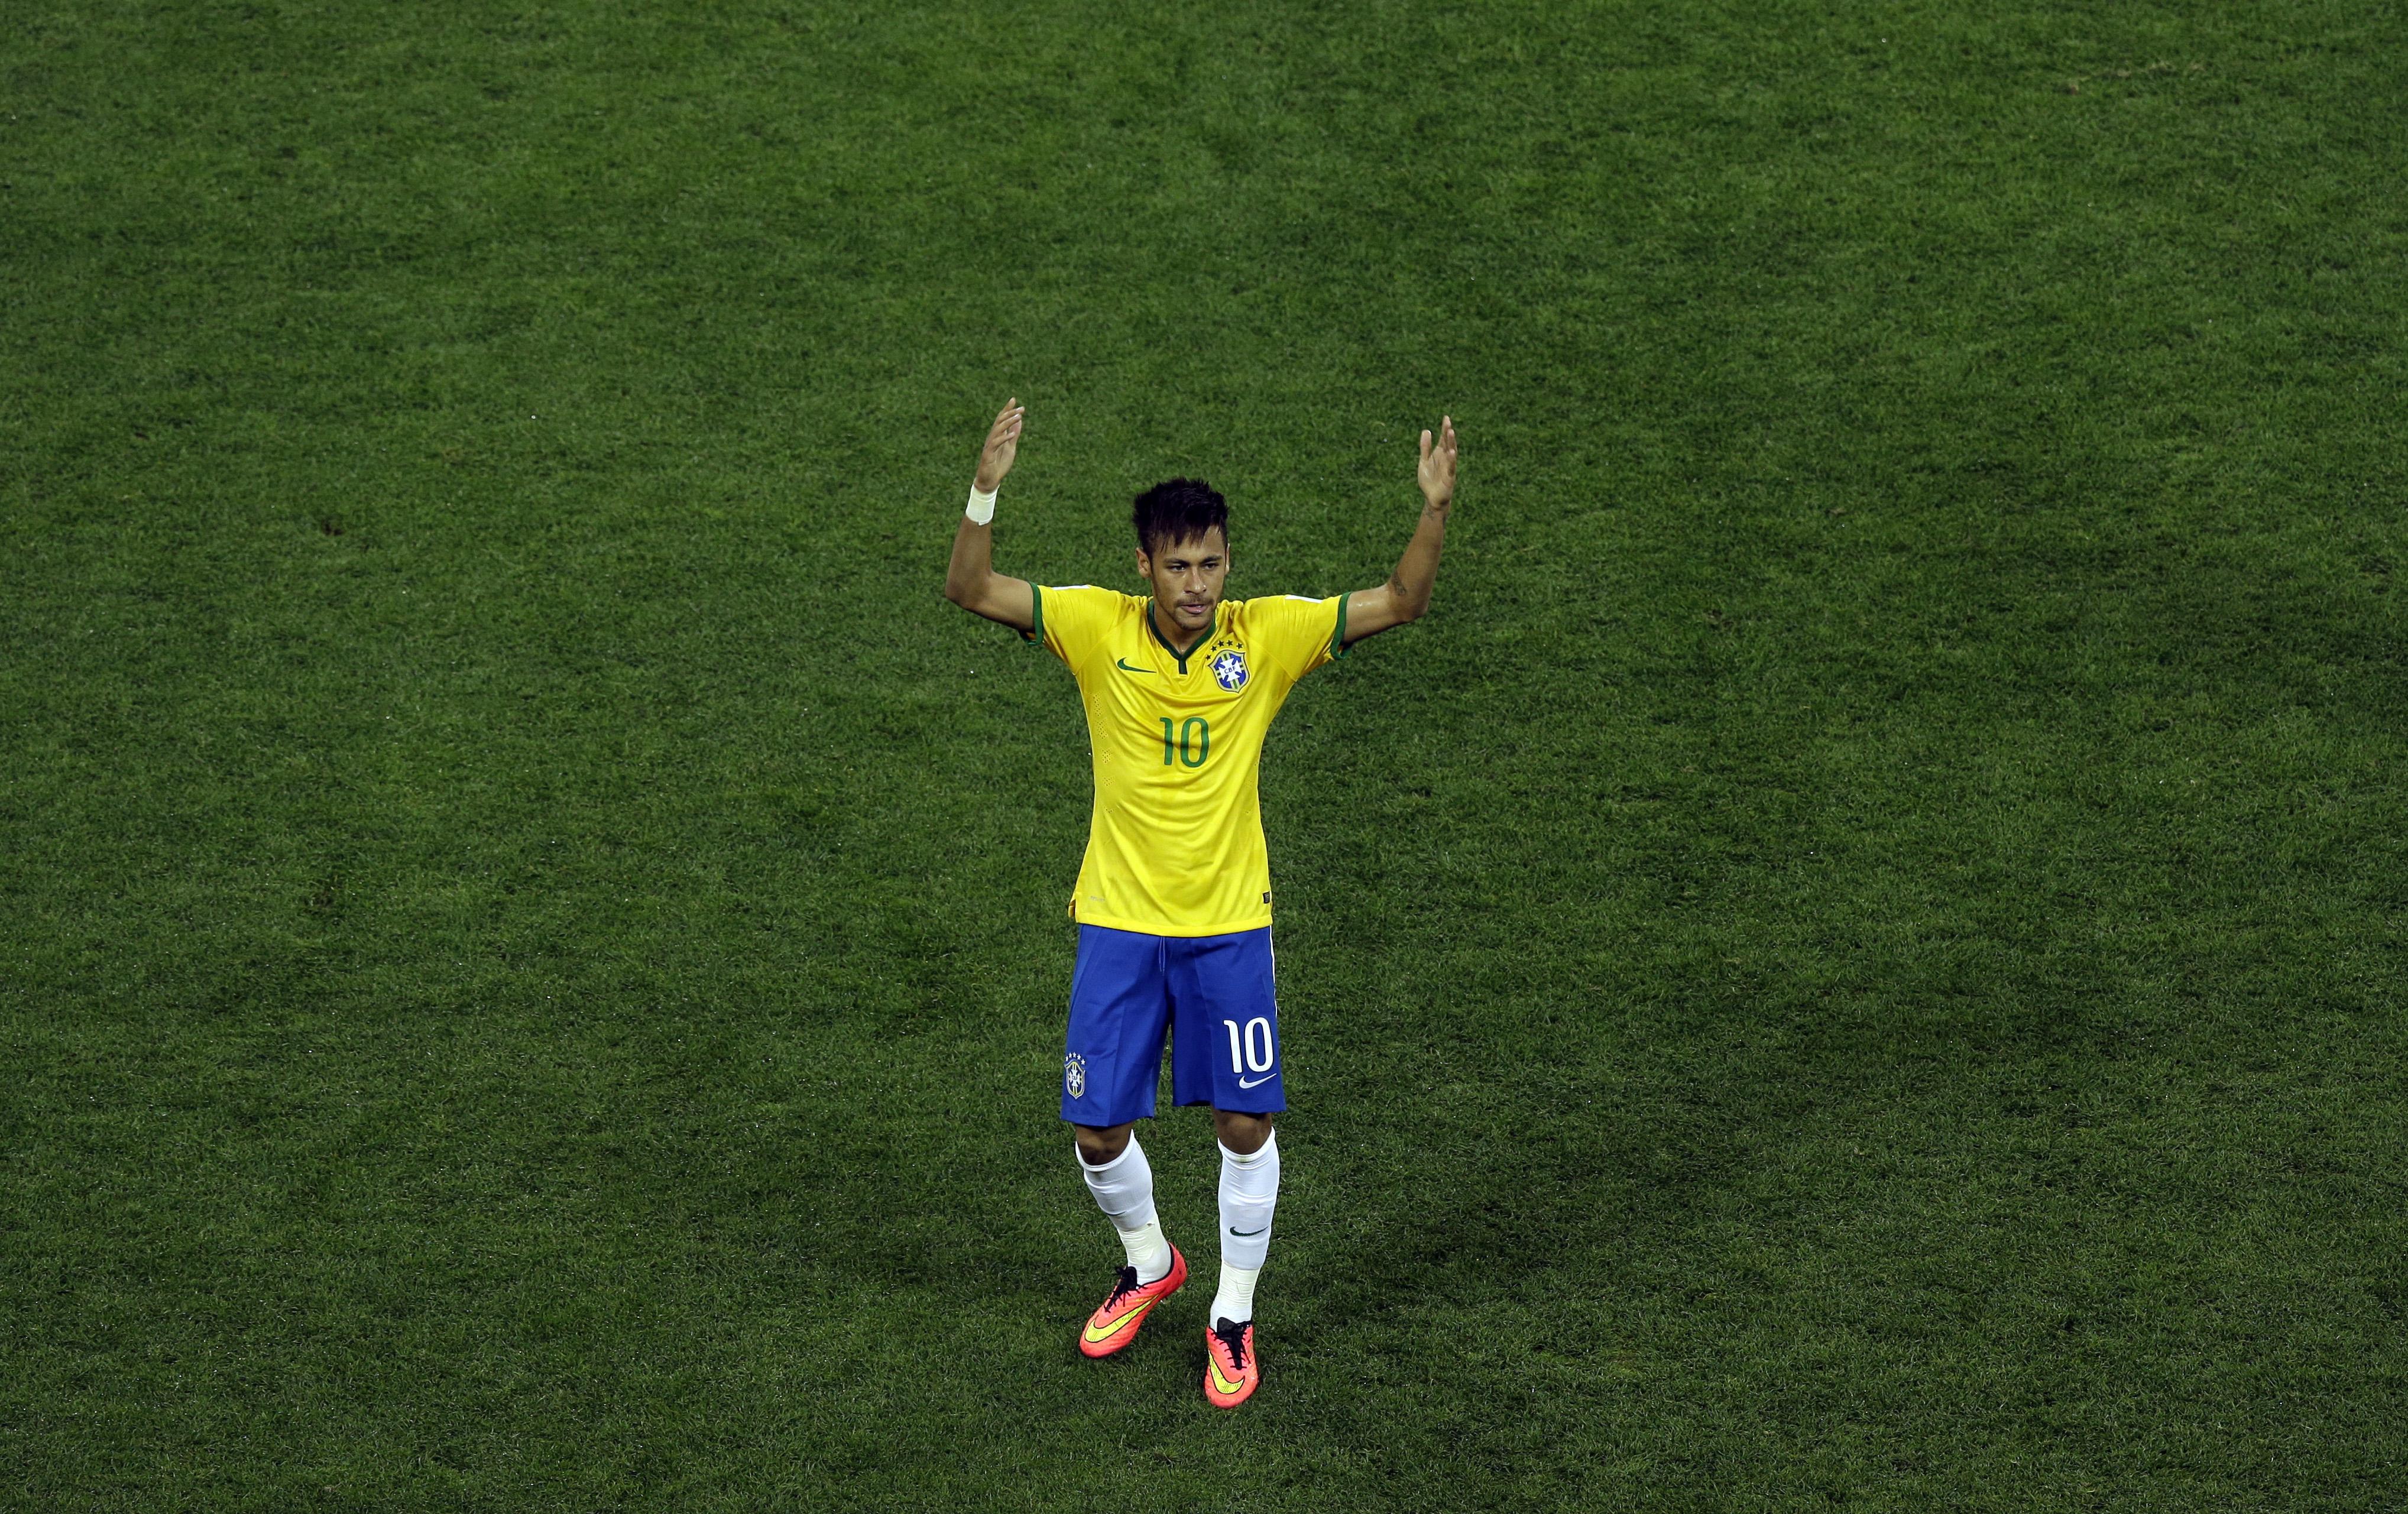 Neymar con la camiseta de Brasil - 4073x2561